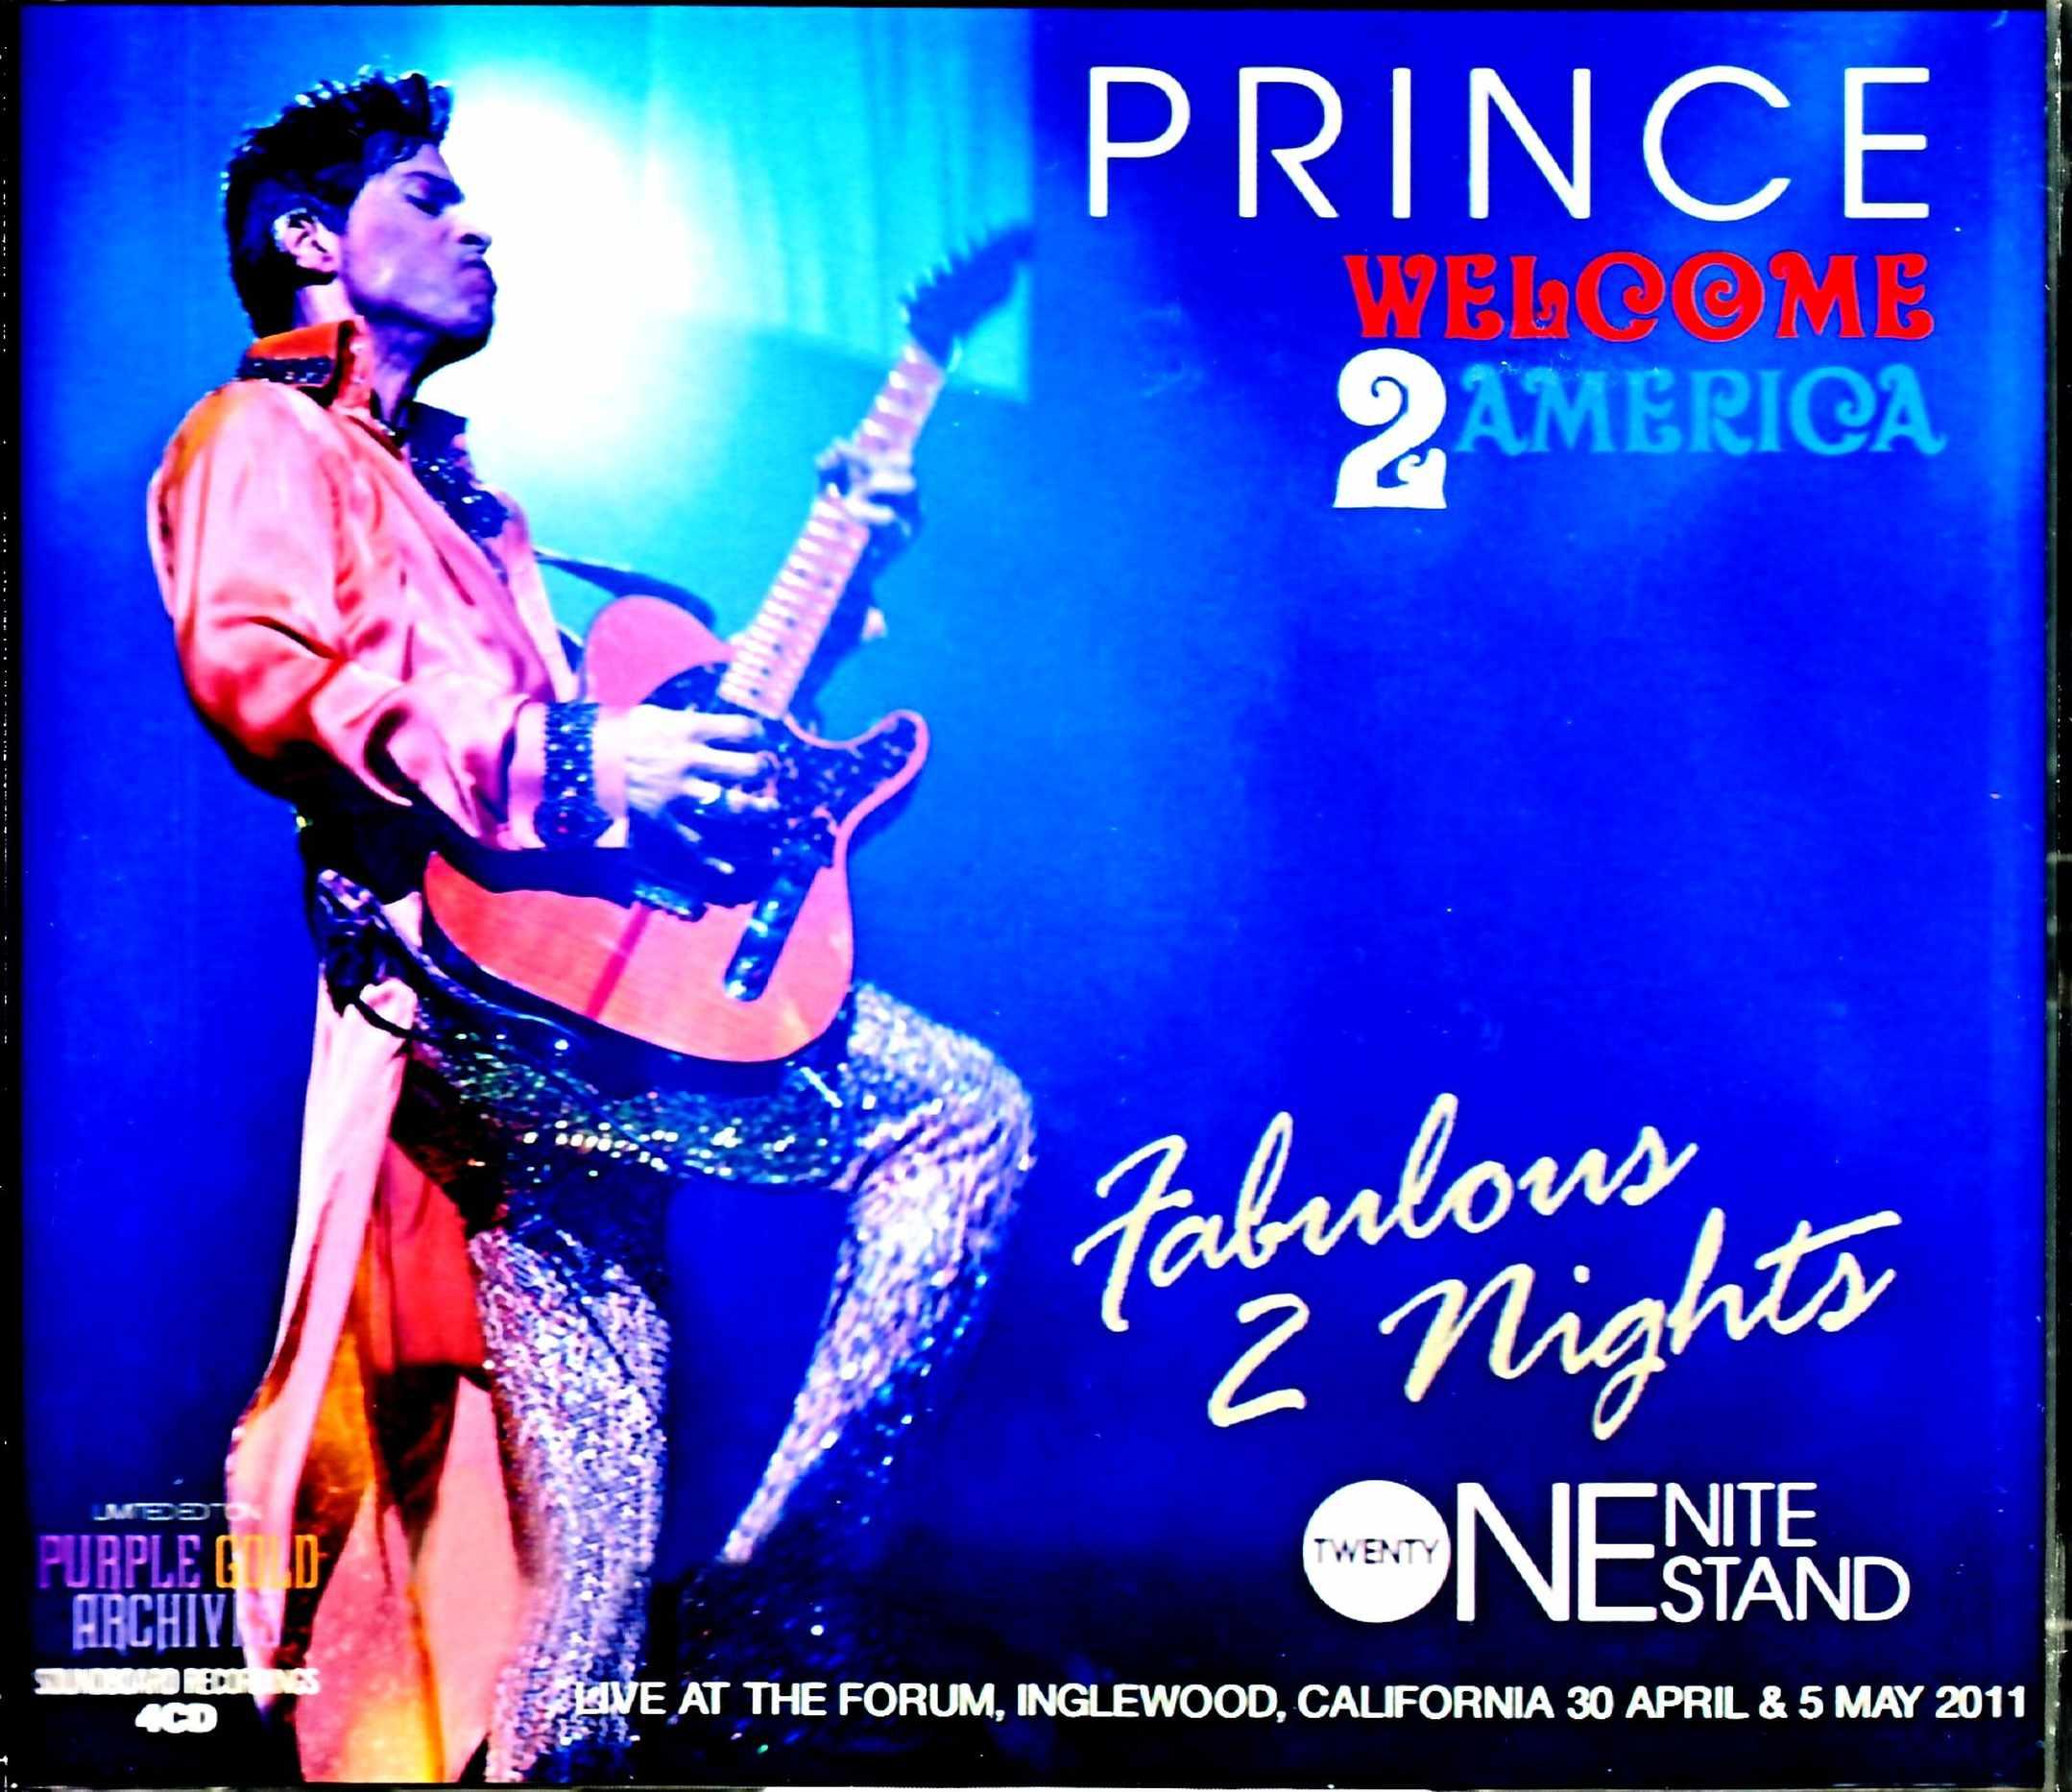 Prince Sheila E.,Gwen Stefani,Whitney Houston プリンス ホイットニー・ヒューストン/CA,USA 4.30 & 5.5.2011 Complete